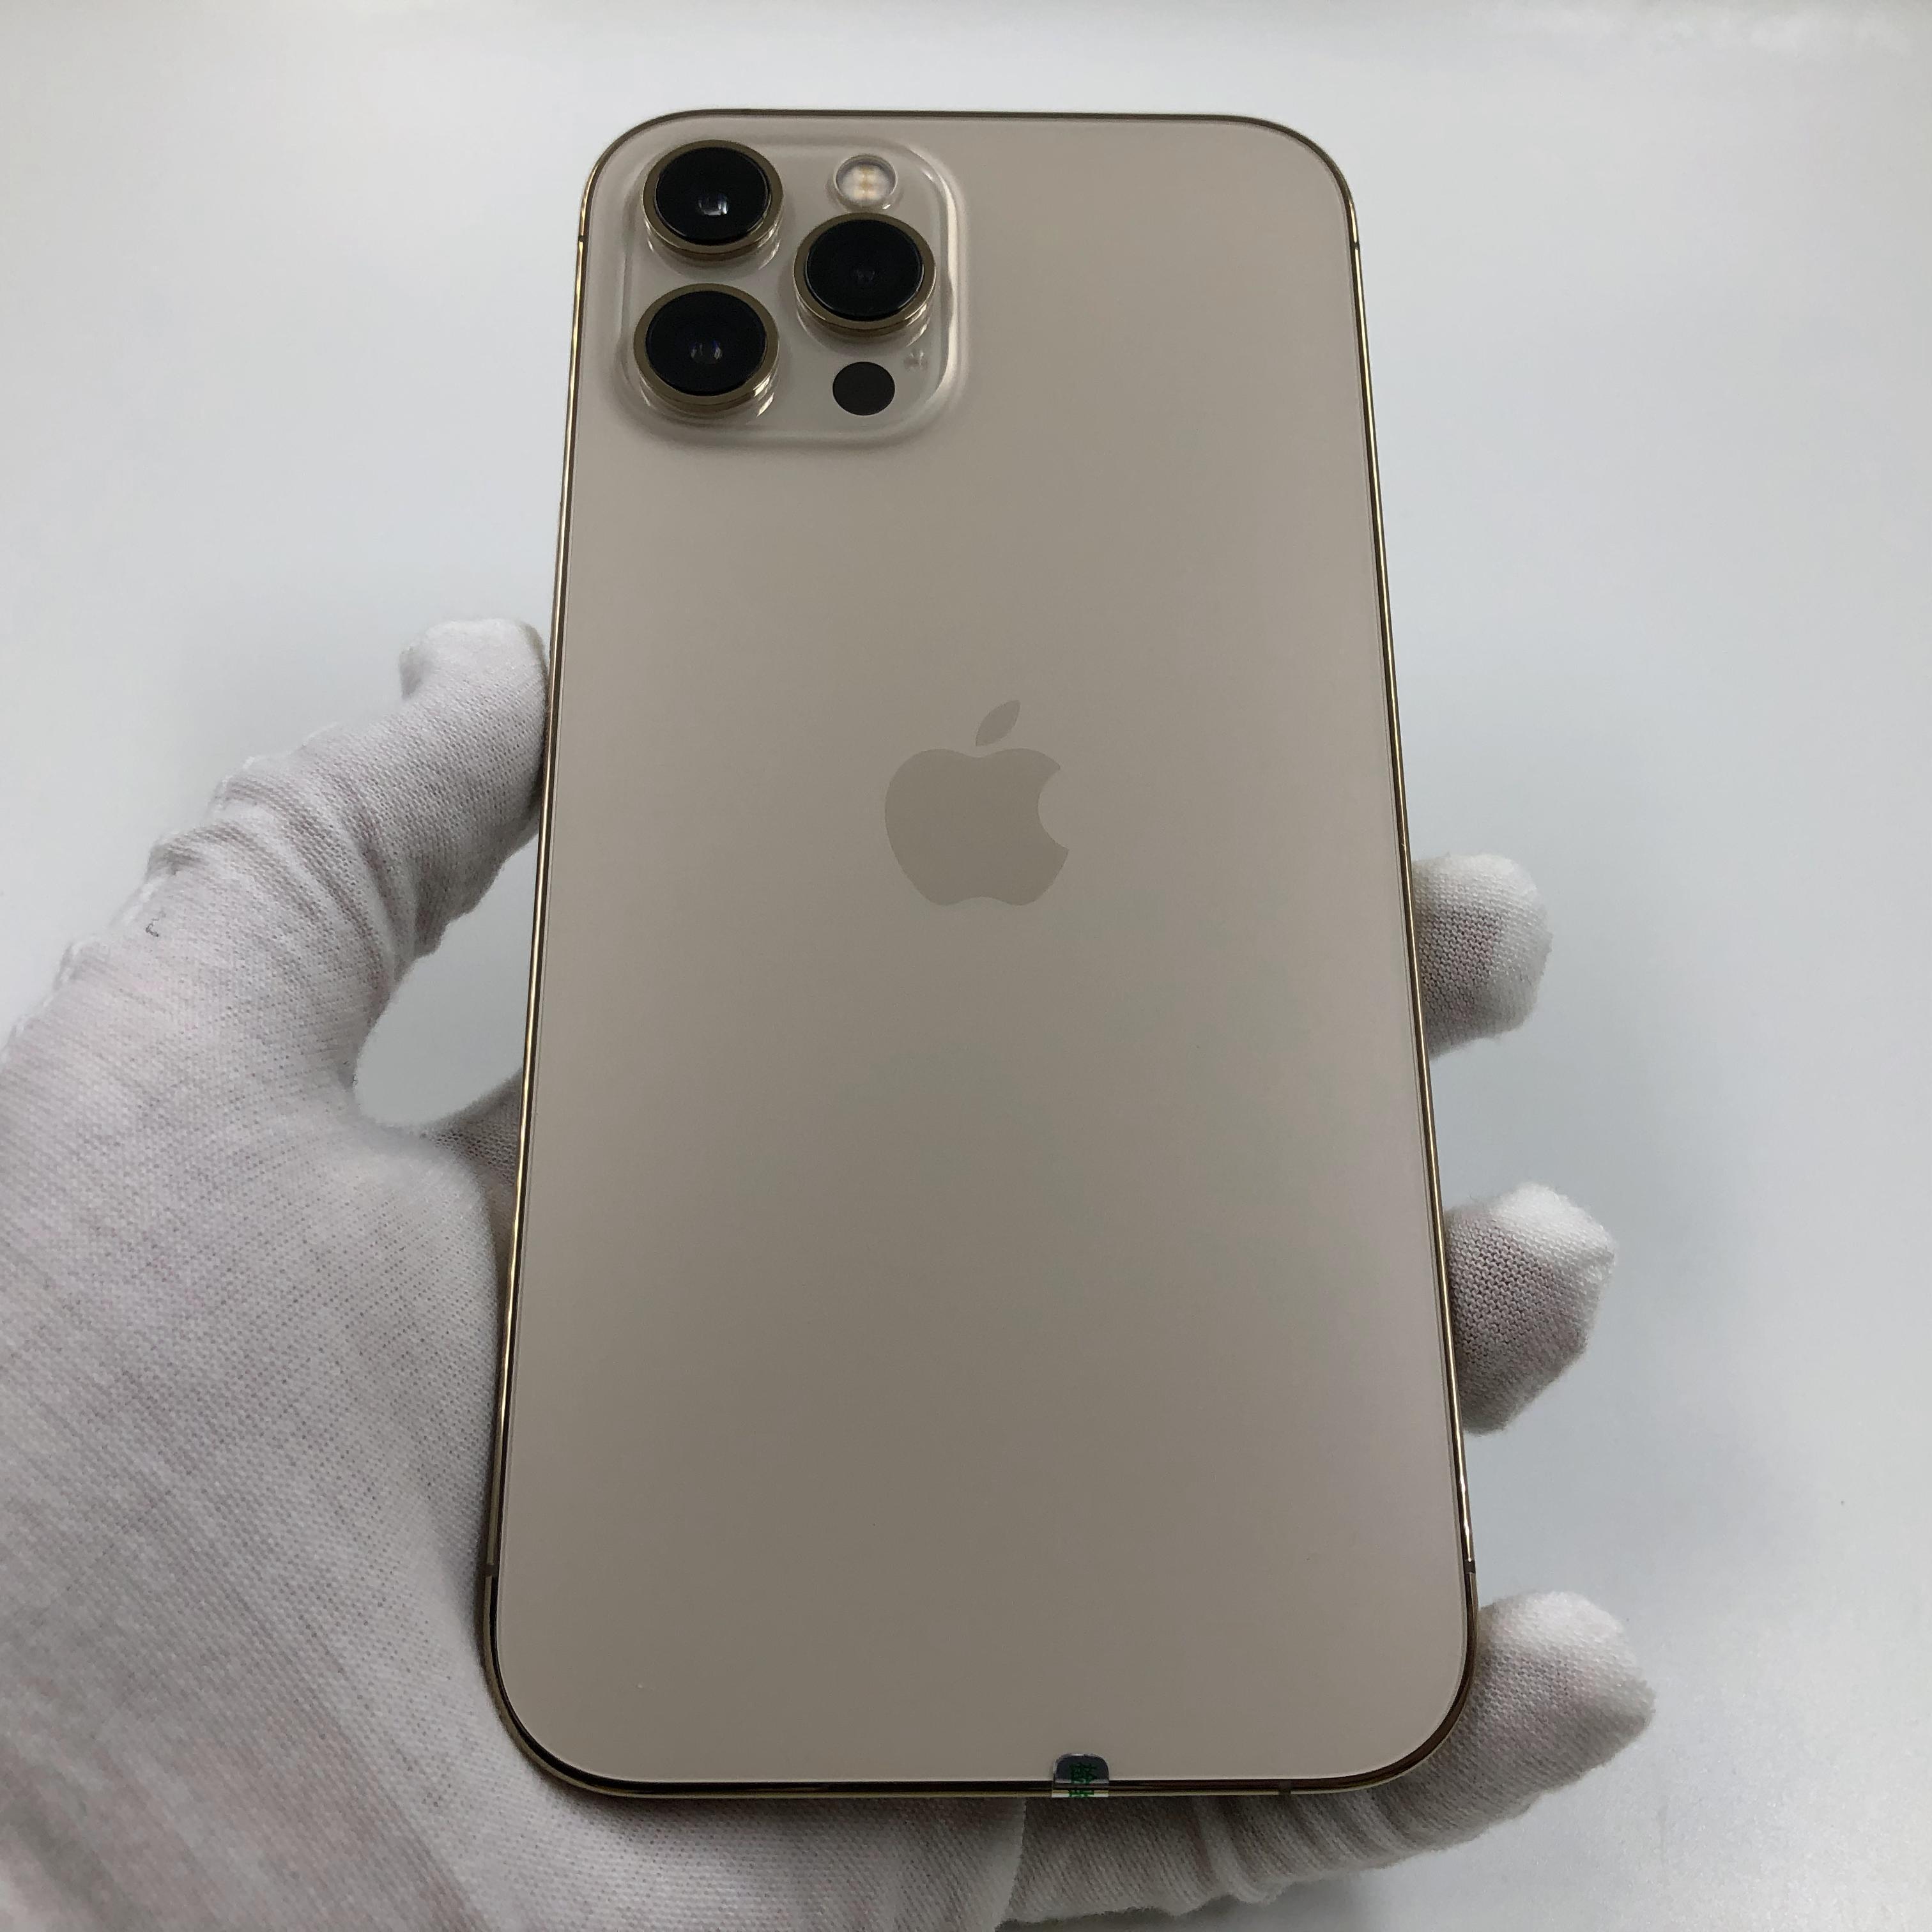 苹果【iPhone 12 Pro Max】5G全网通 金色 256G 港澳台 99新 真机实拍官保2022-03-17